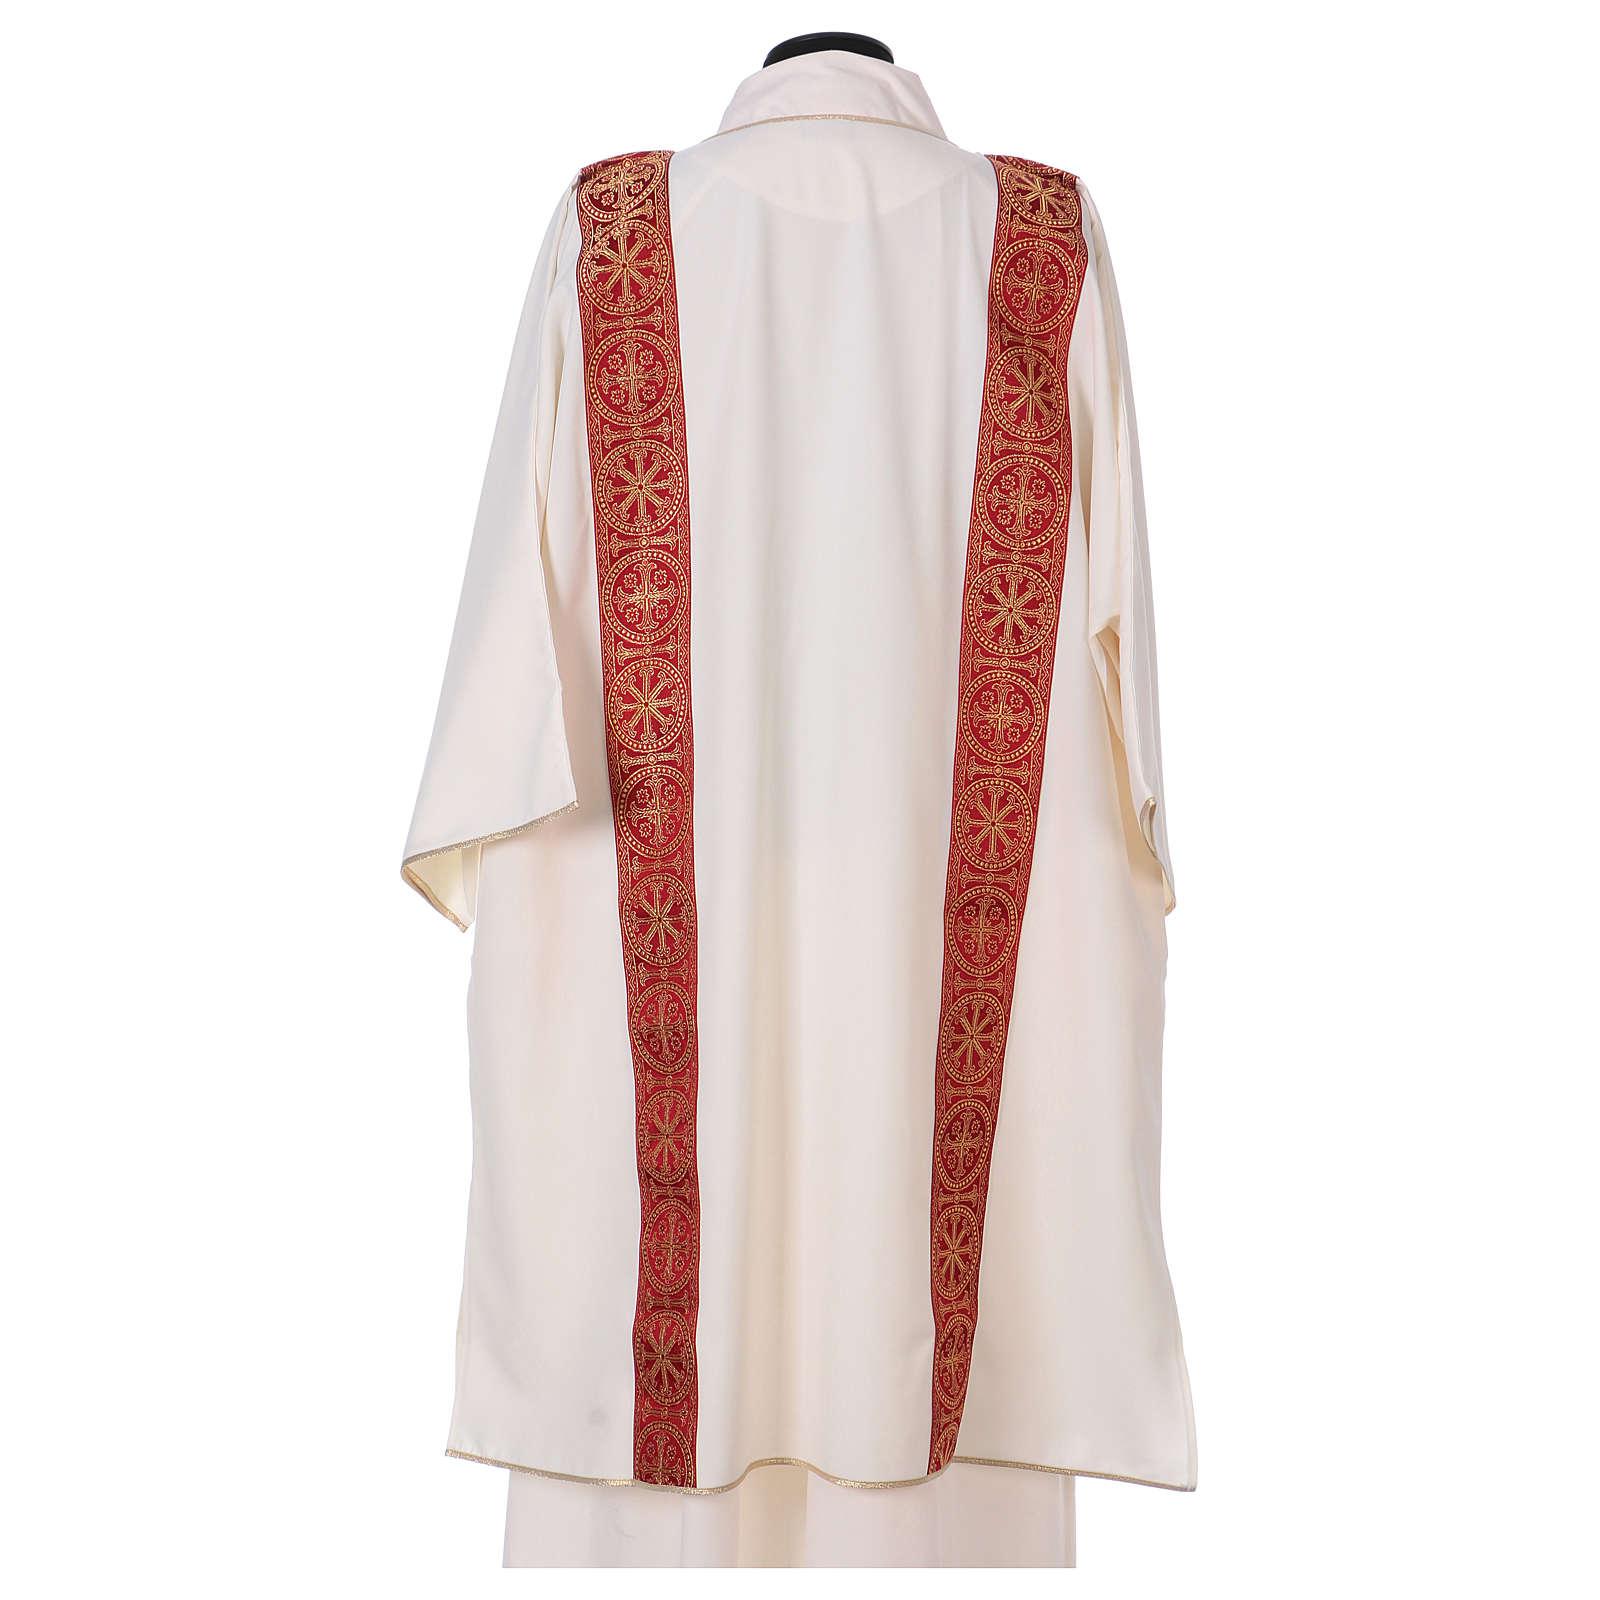 Dalmatica gallone applicato fronte retro tessuto 100% poliestere Vatican 4